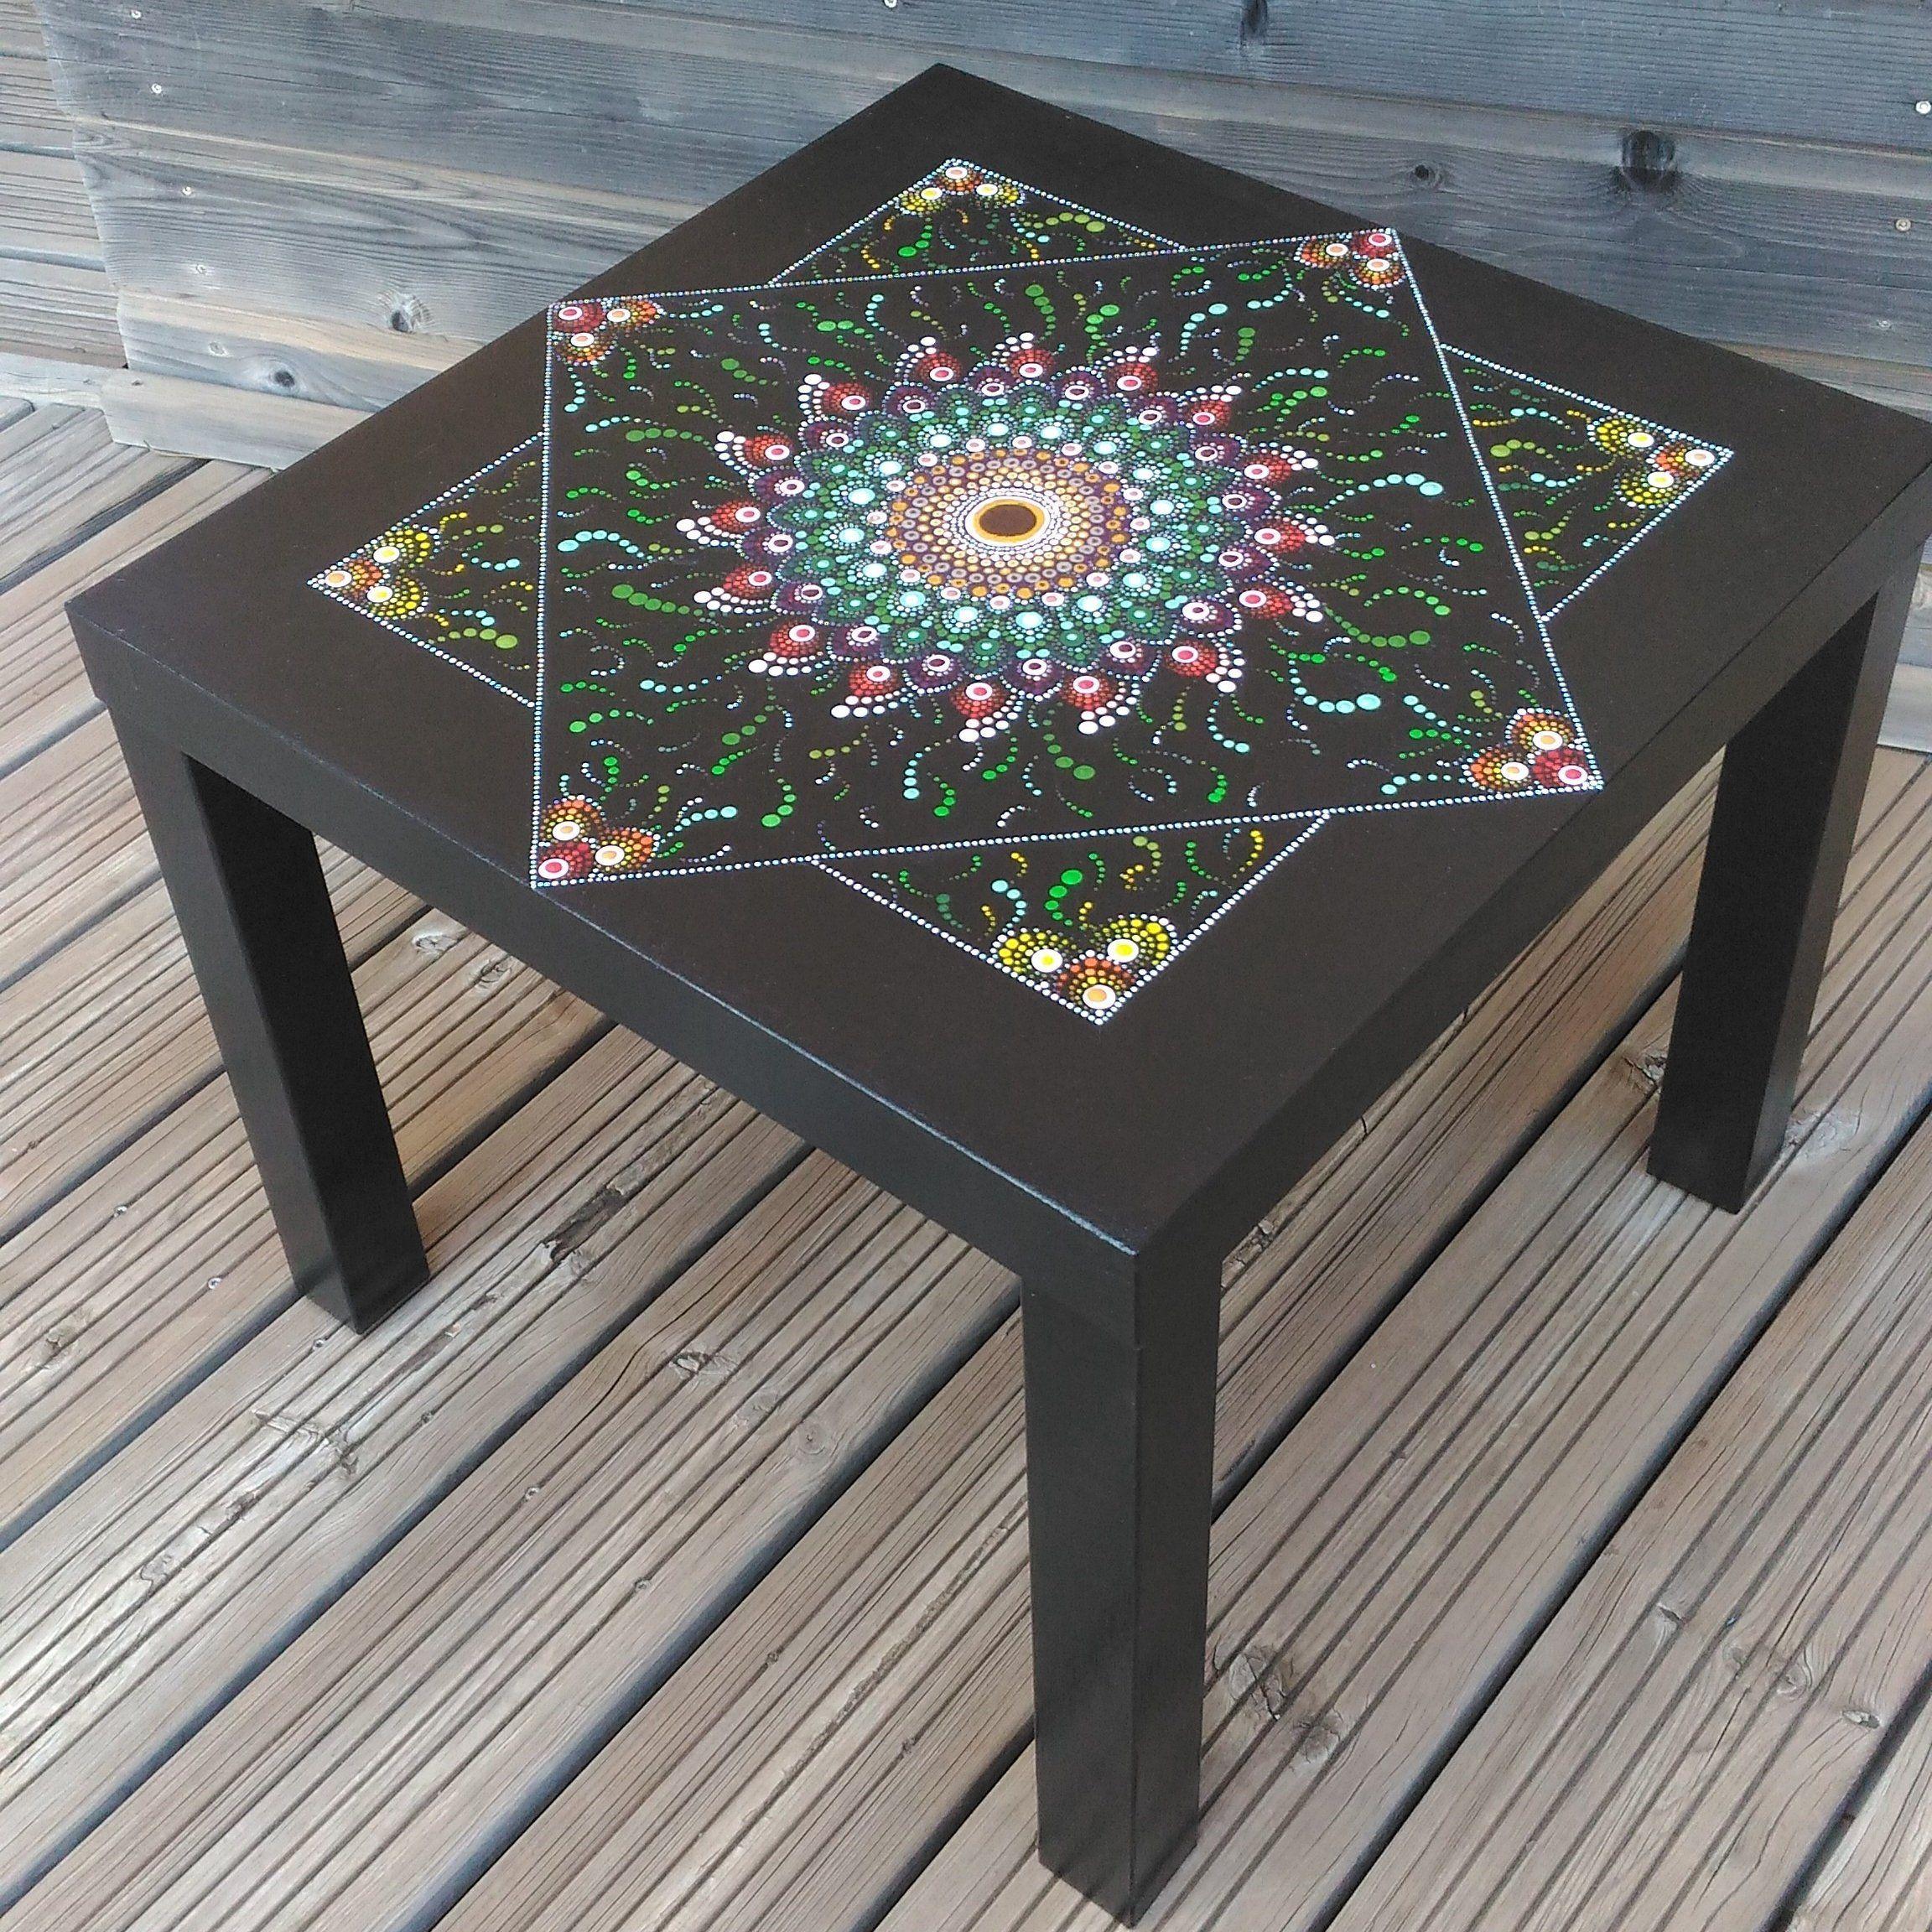 Table Basse Mandala En Pointillisme Creation Artisanale Piece Unique Diy Furniture Decor Home Decor